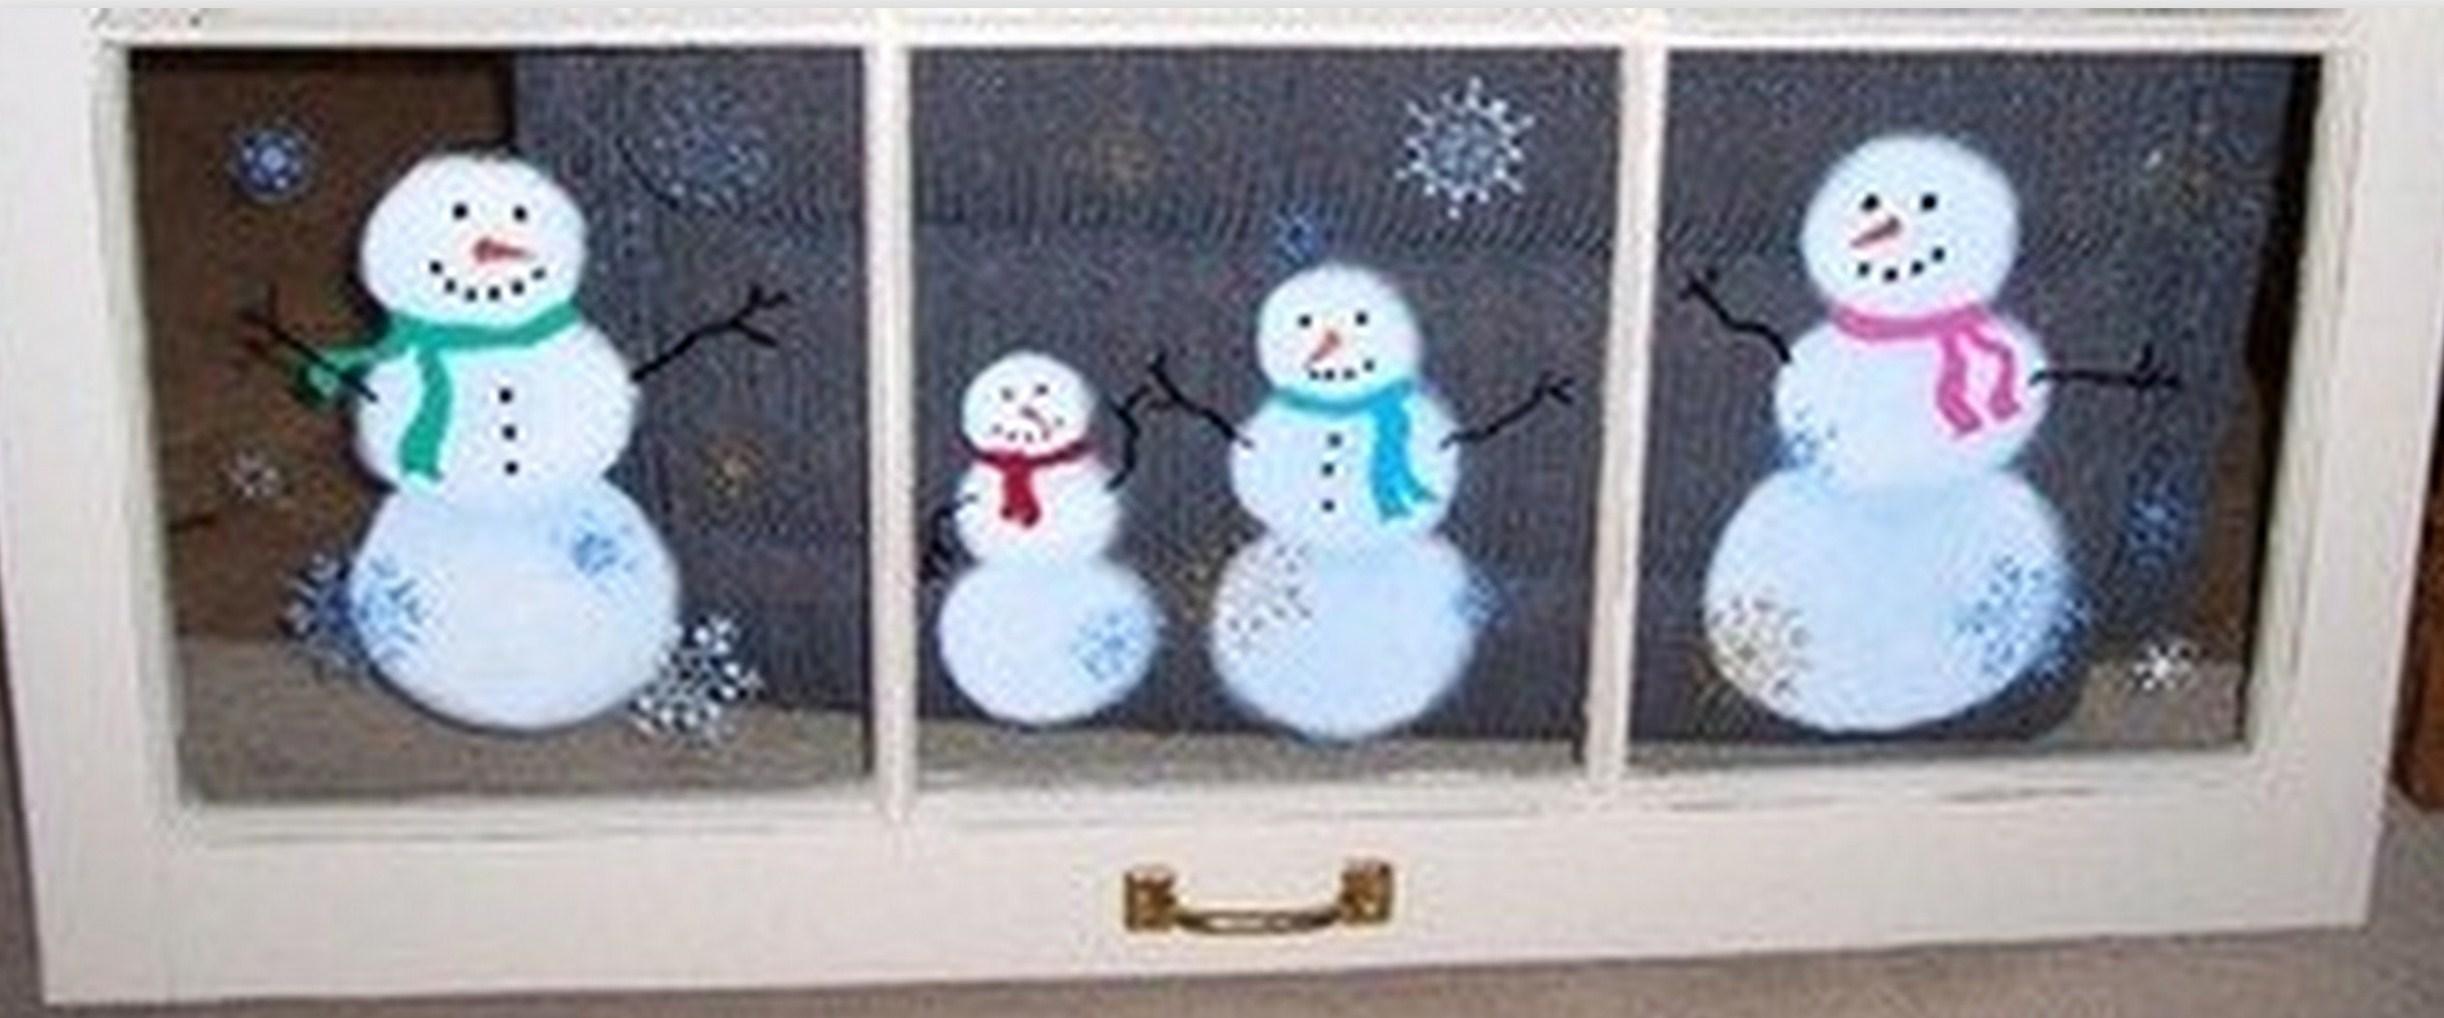 decoration vitre noel. Black Bedroom Furniture Sets. Home Design Ideas